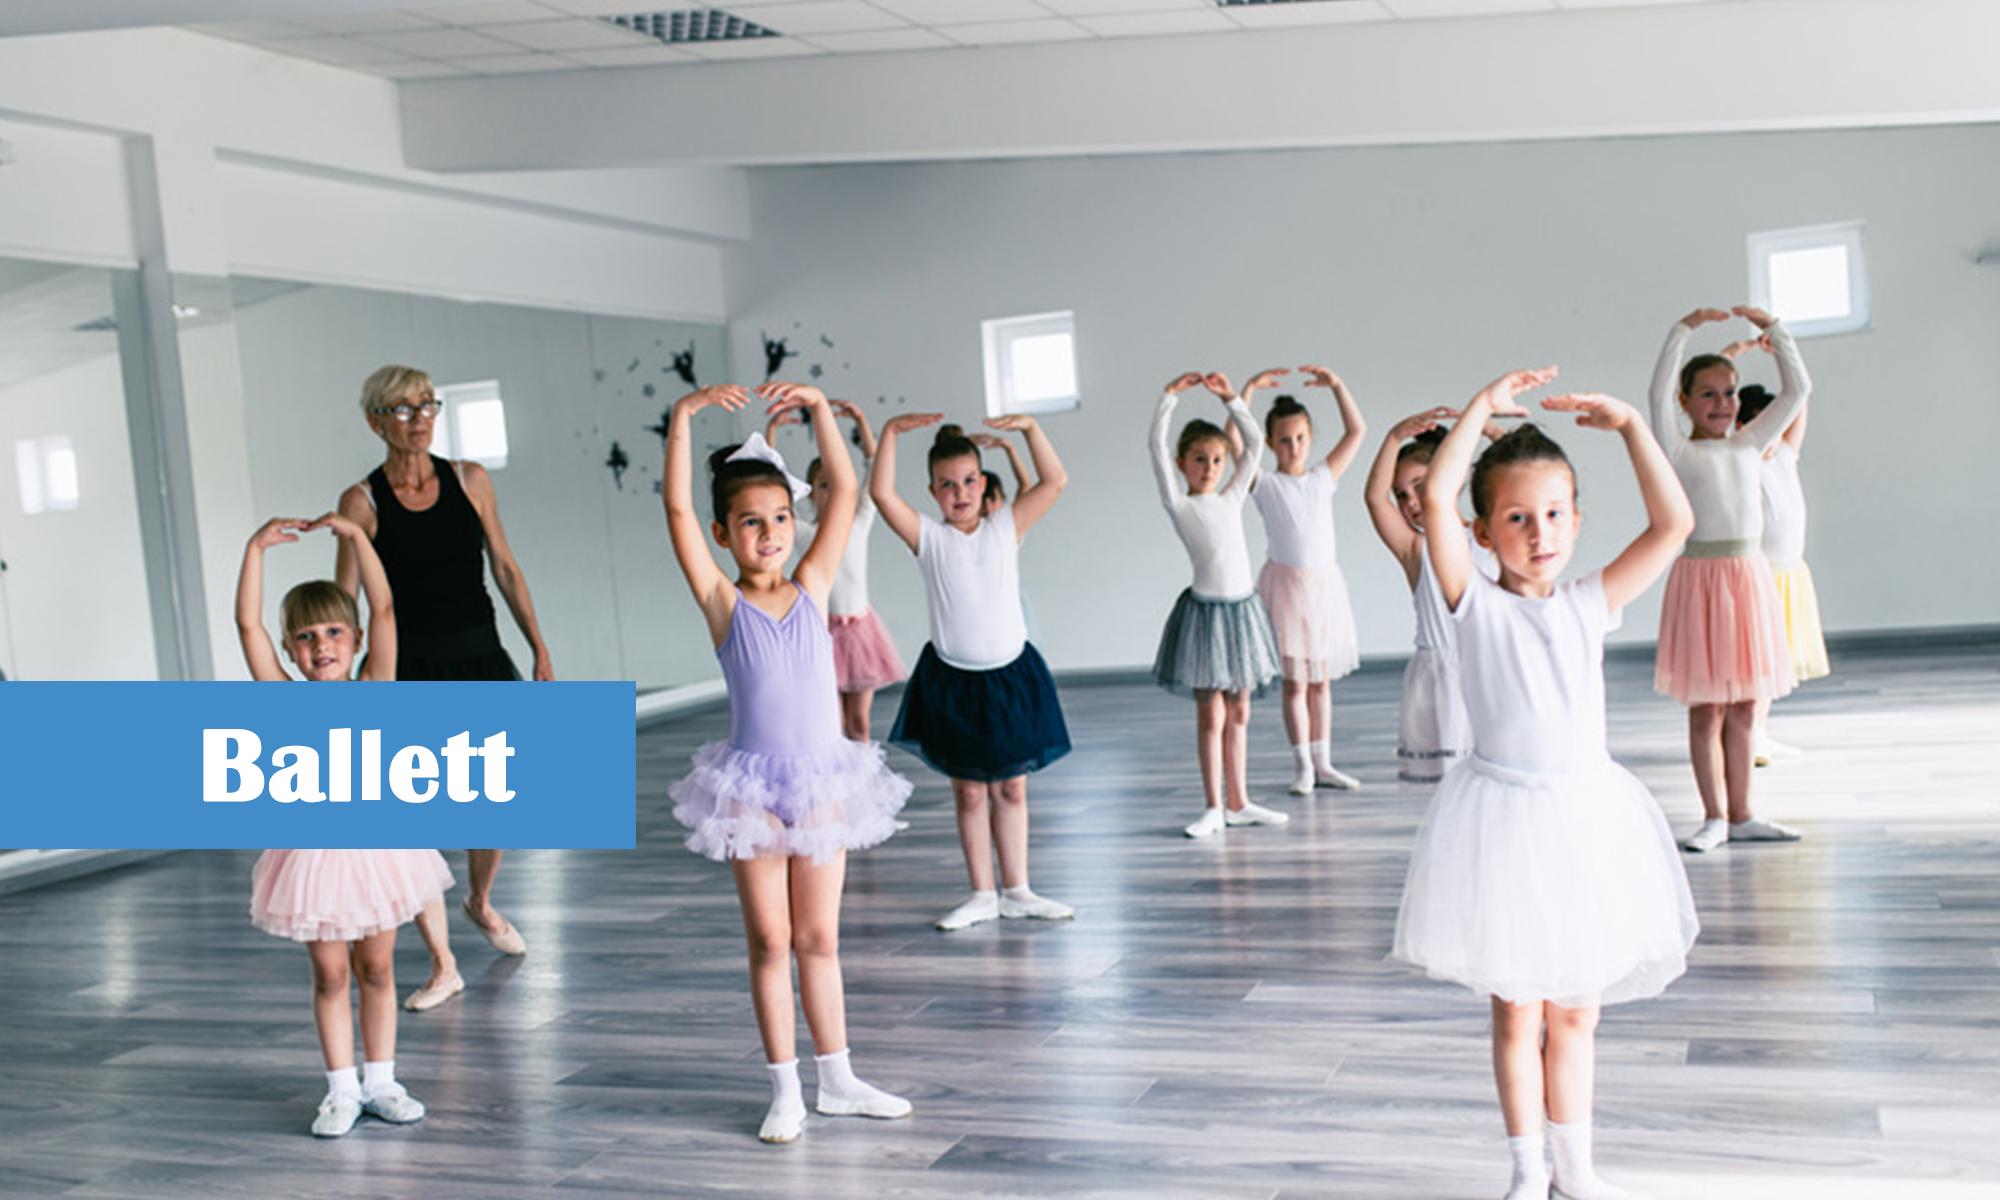 Ballett Tanzunterricht Musikschule Wetzlar